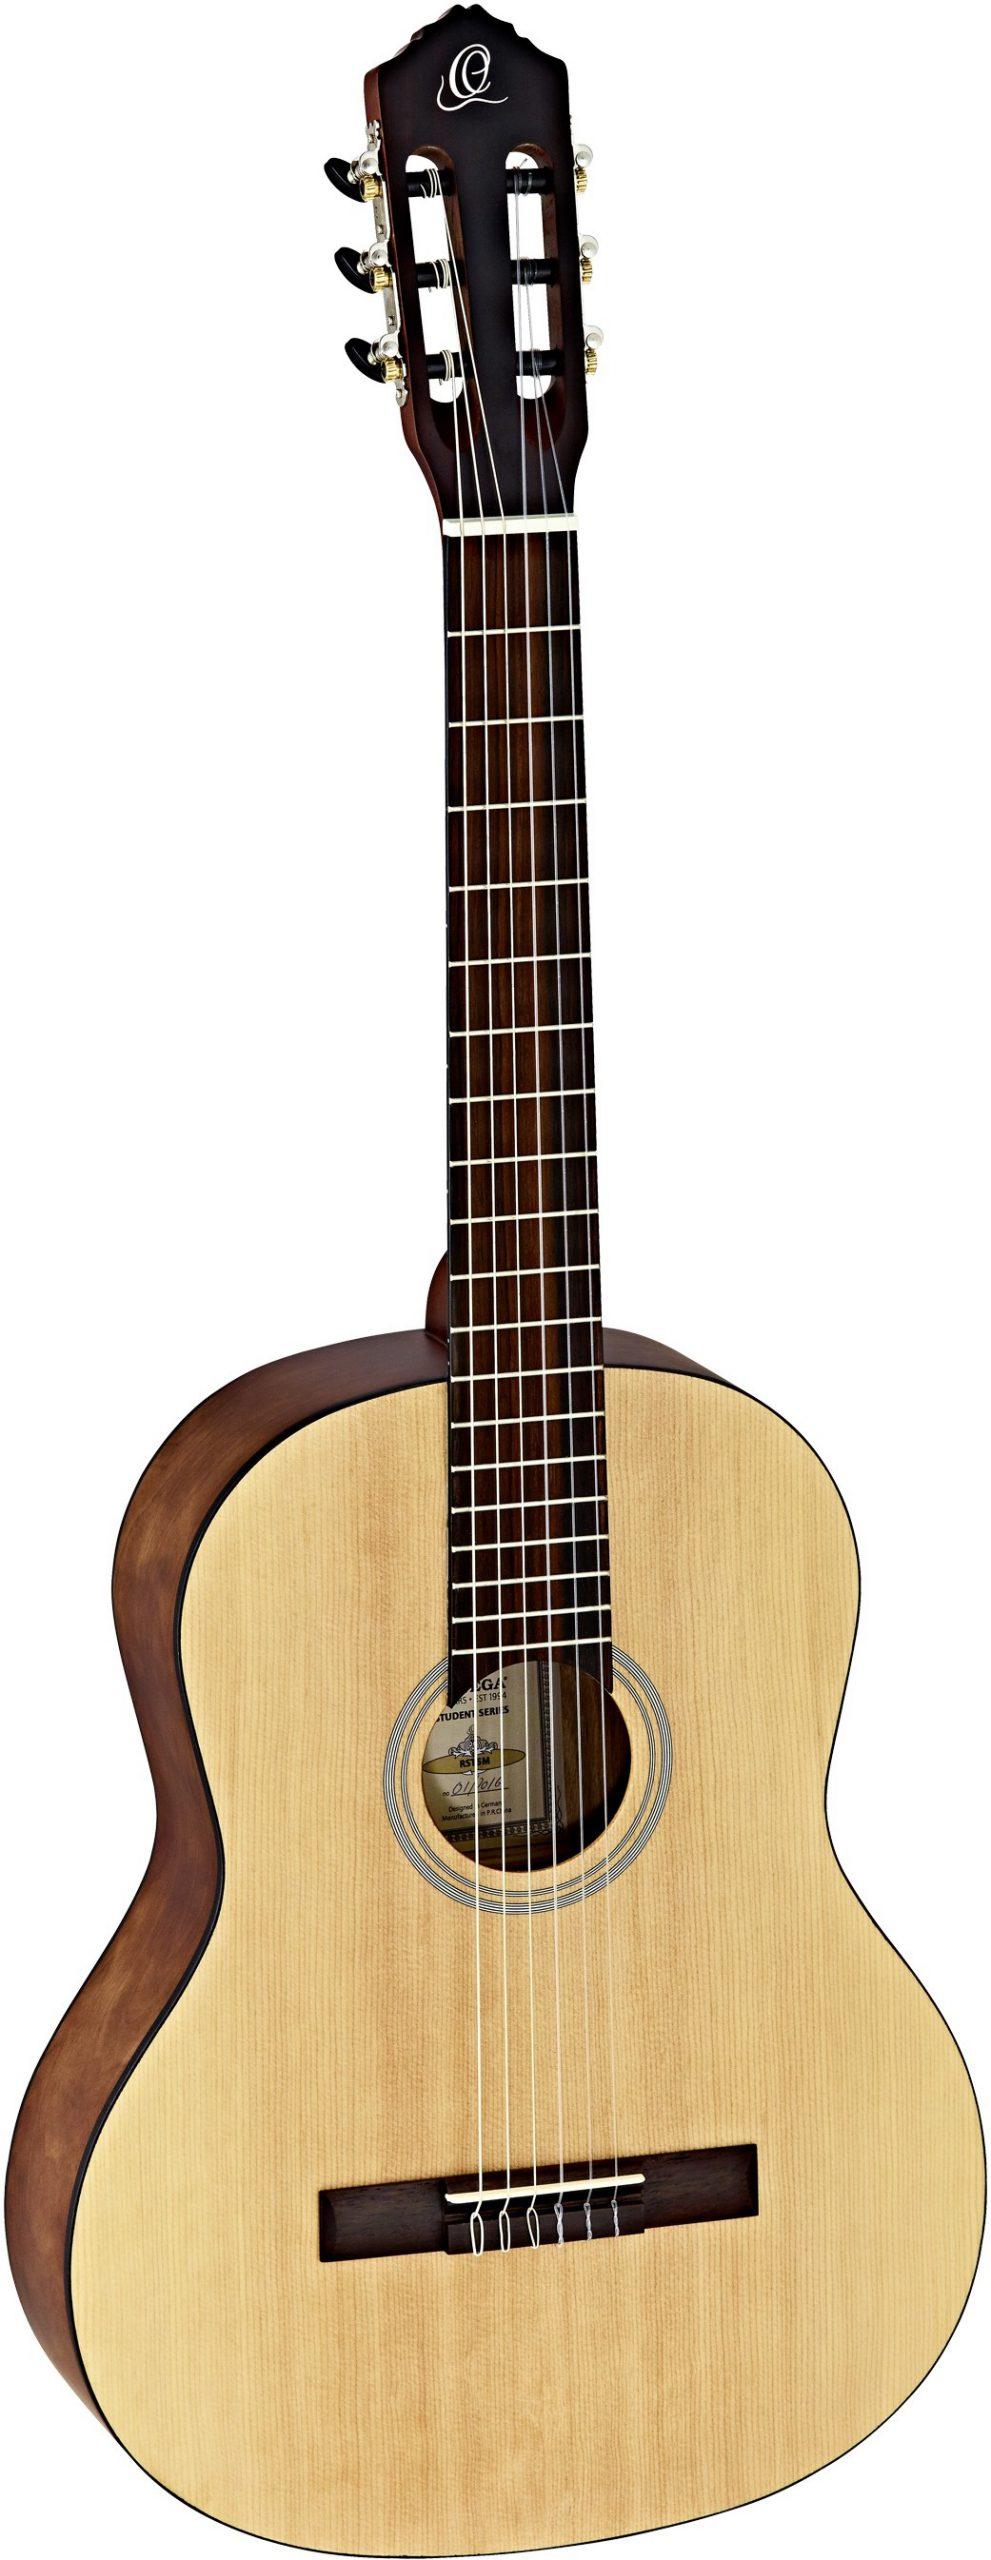 Ortega RST5M 4/4 - gitara klasyczna